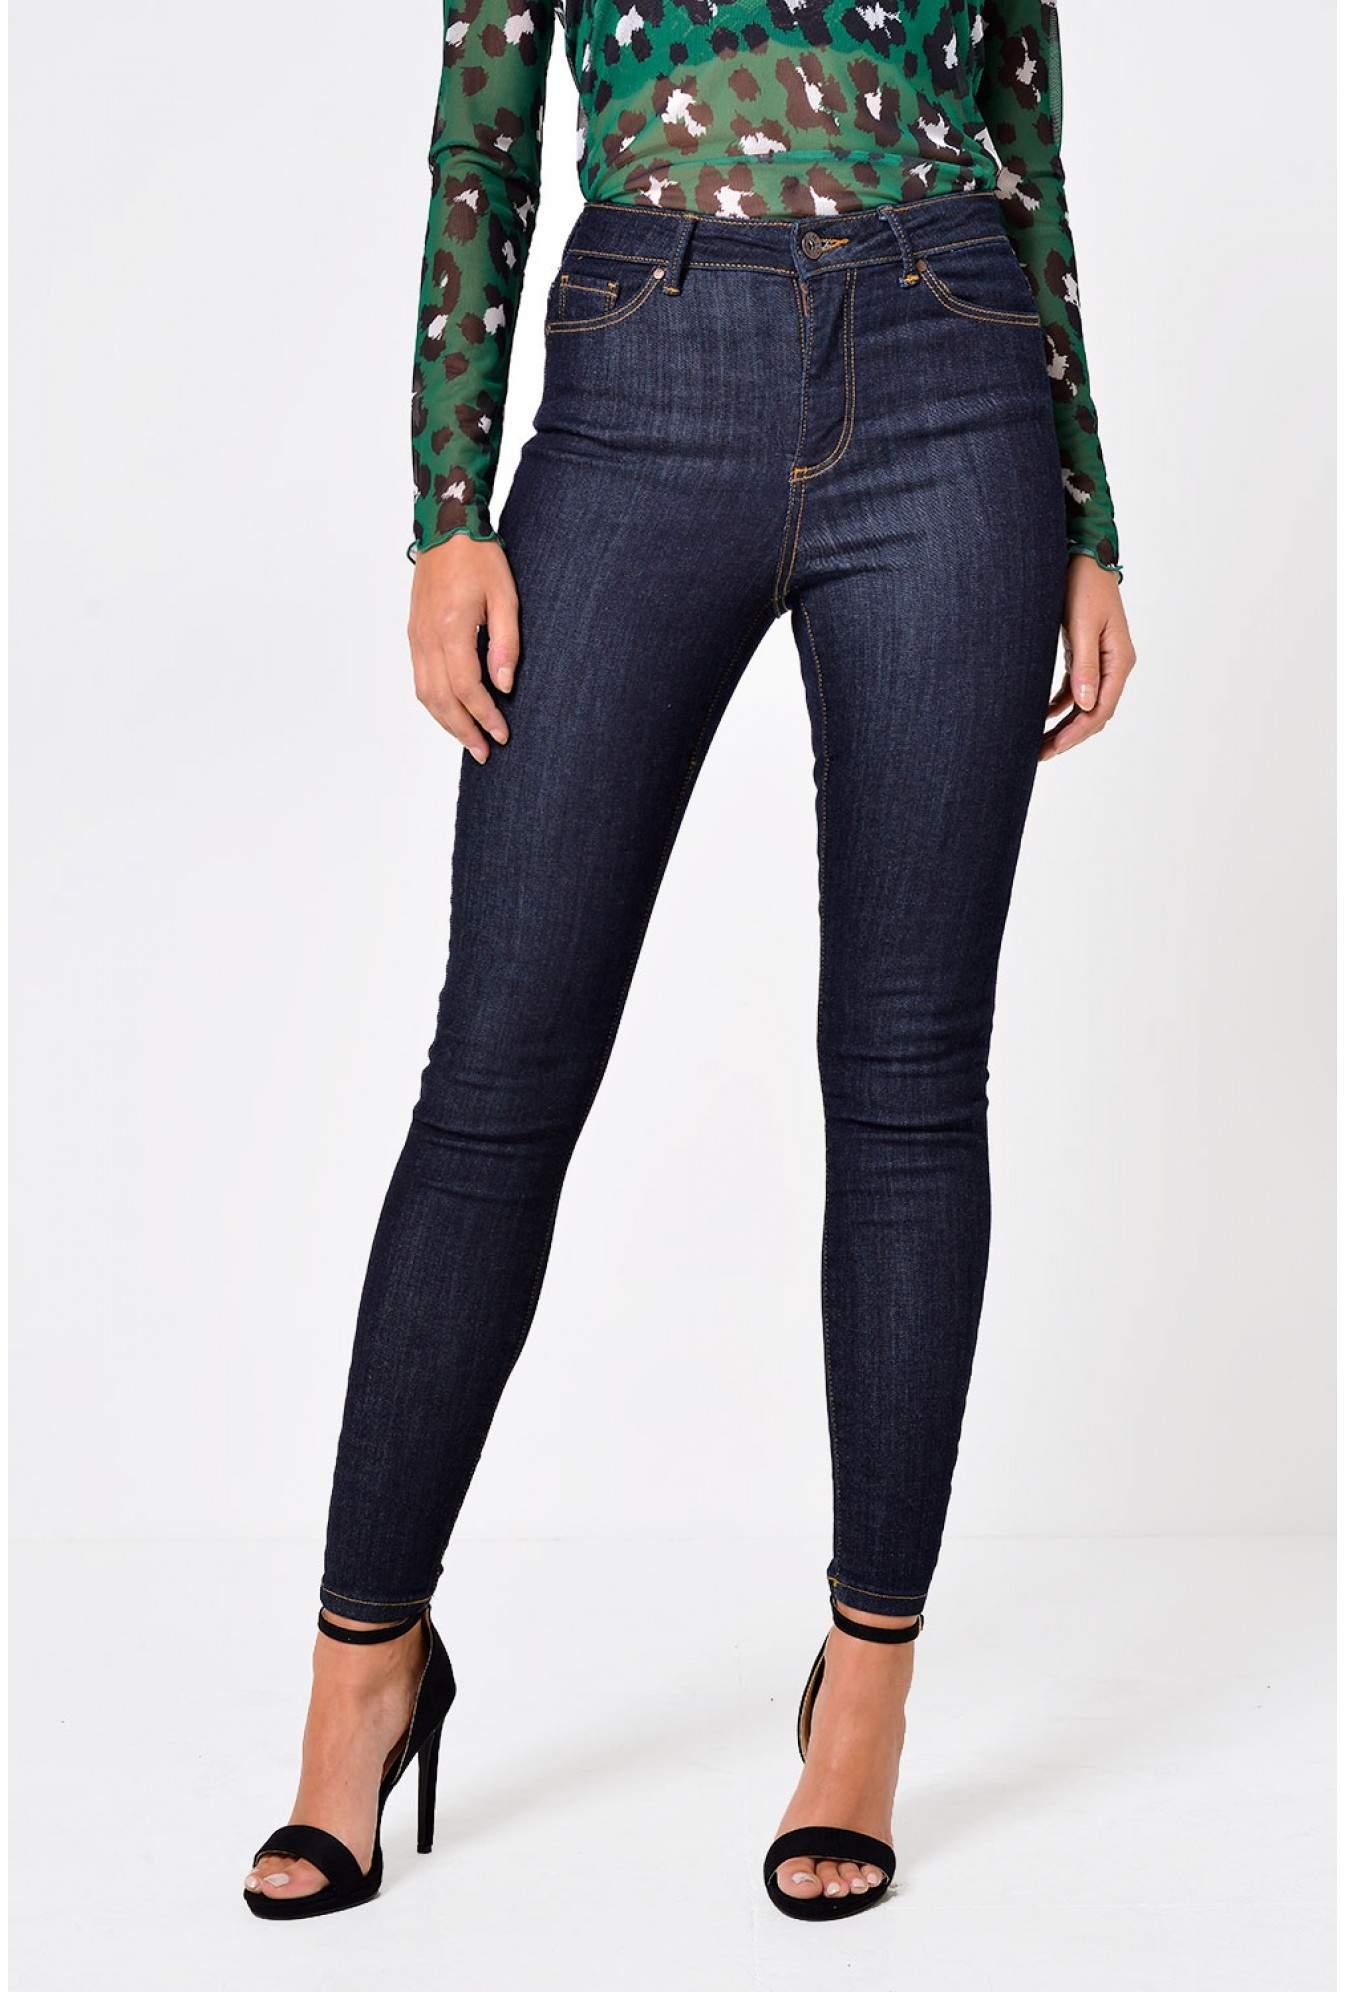 57308fe9acc24 Vero Moda Sophia Regular High Rise Skinny Jeans in Dark Denim ...